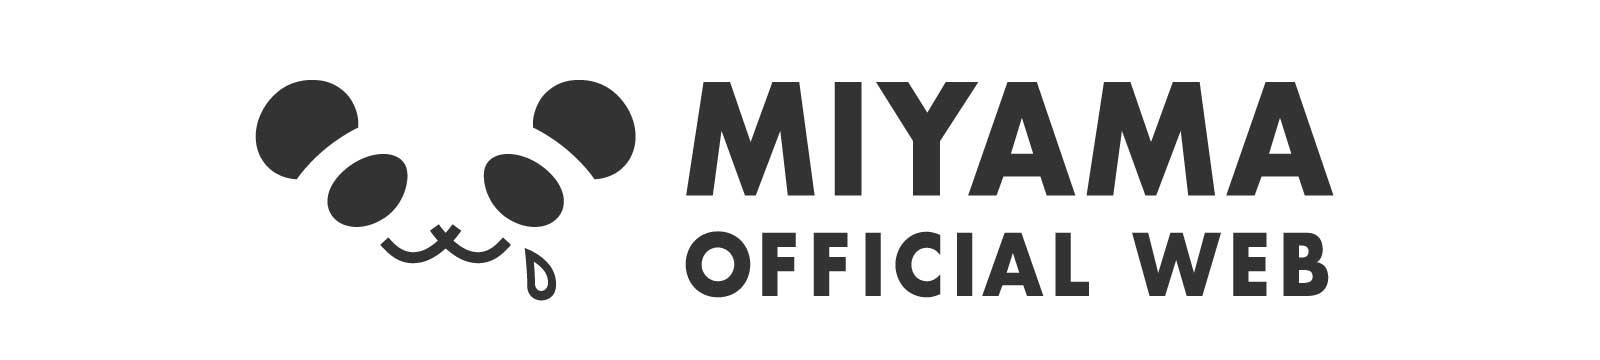 ミヤマ OFFICIAL WEB